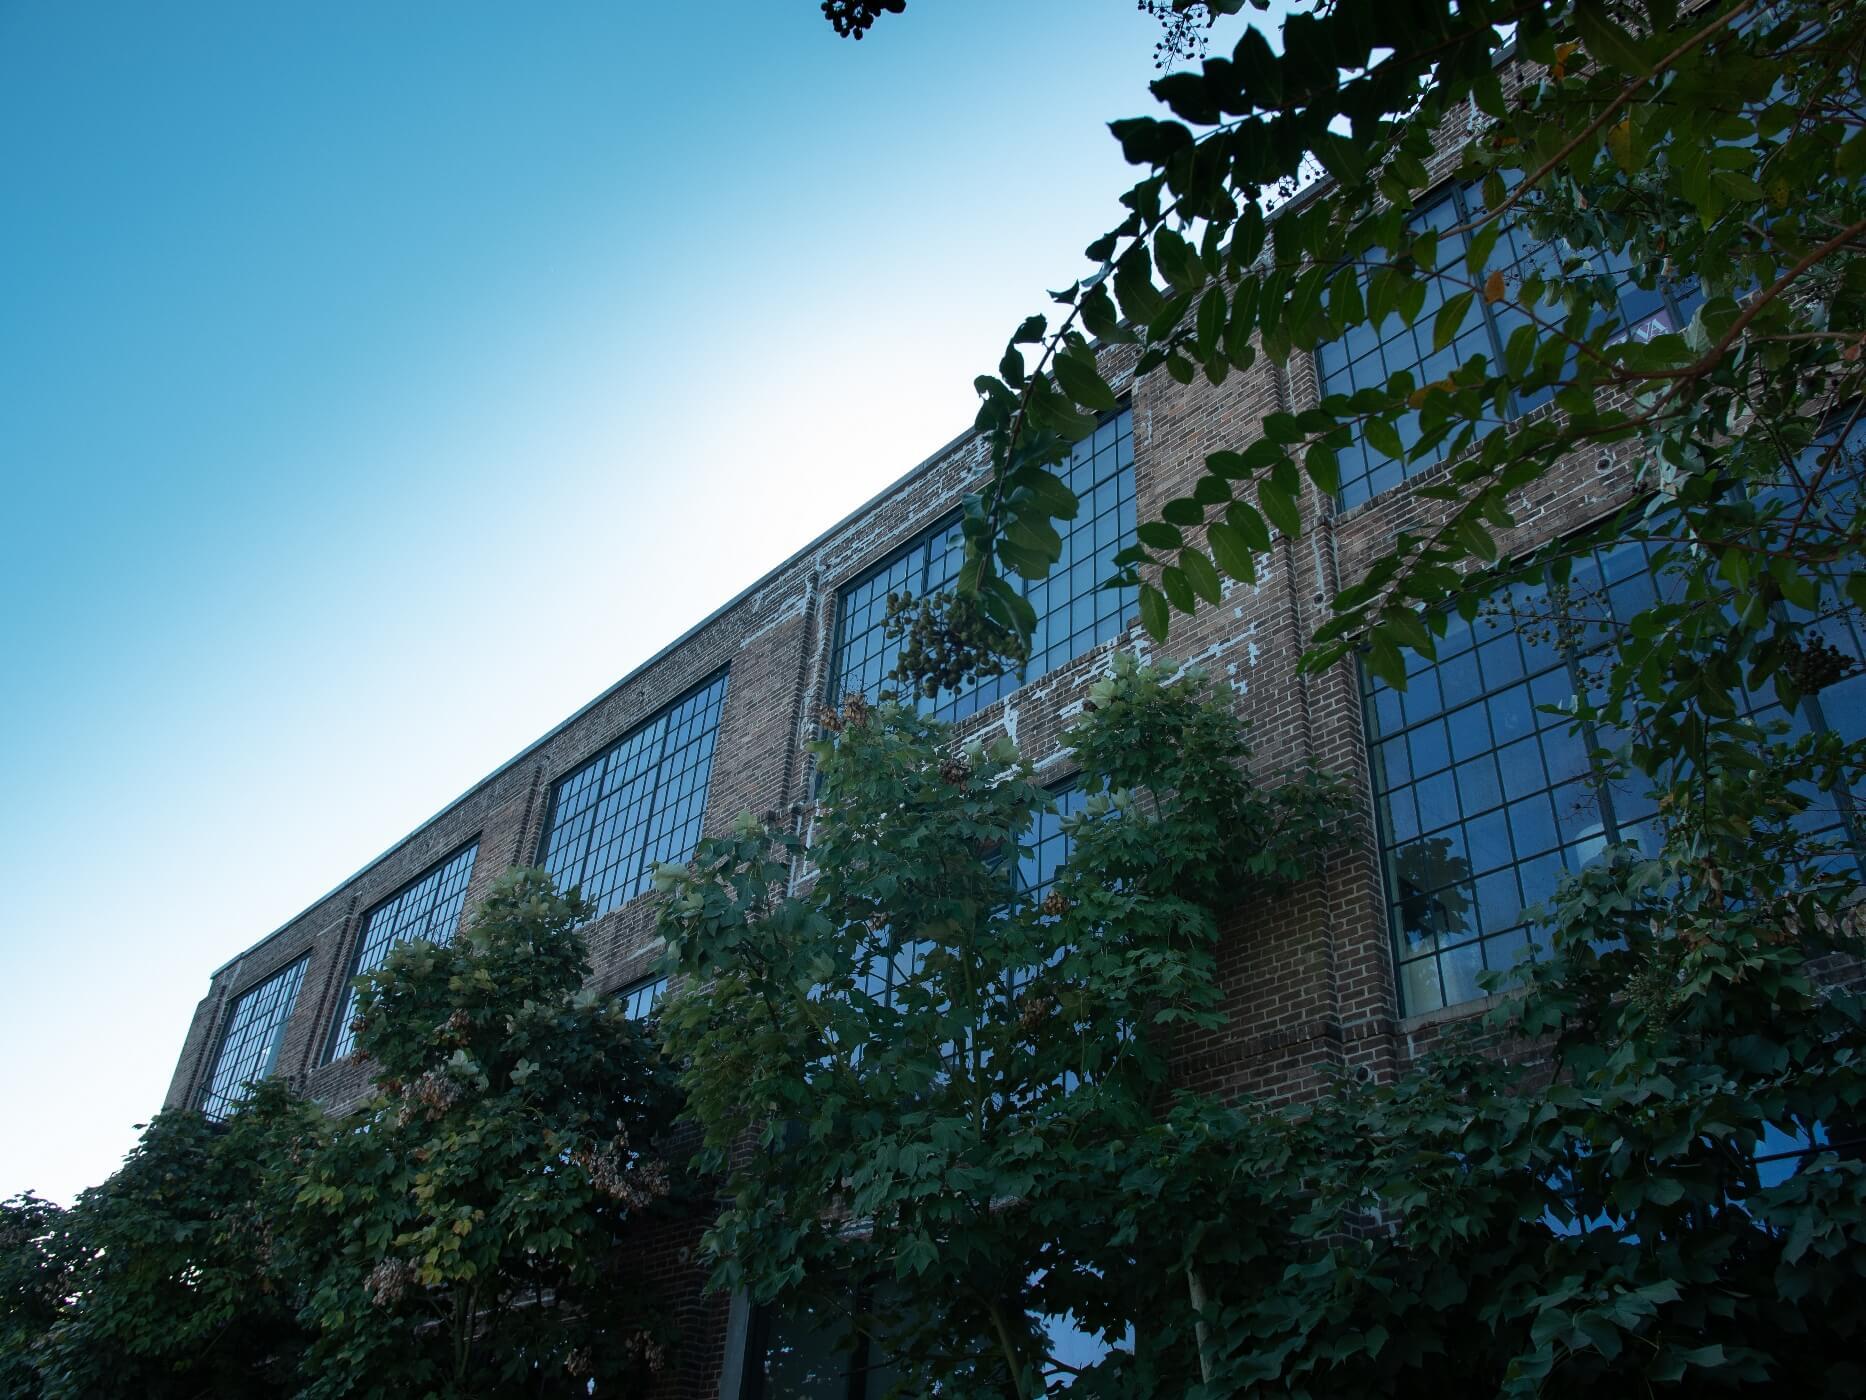 511 Marigny building